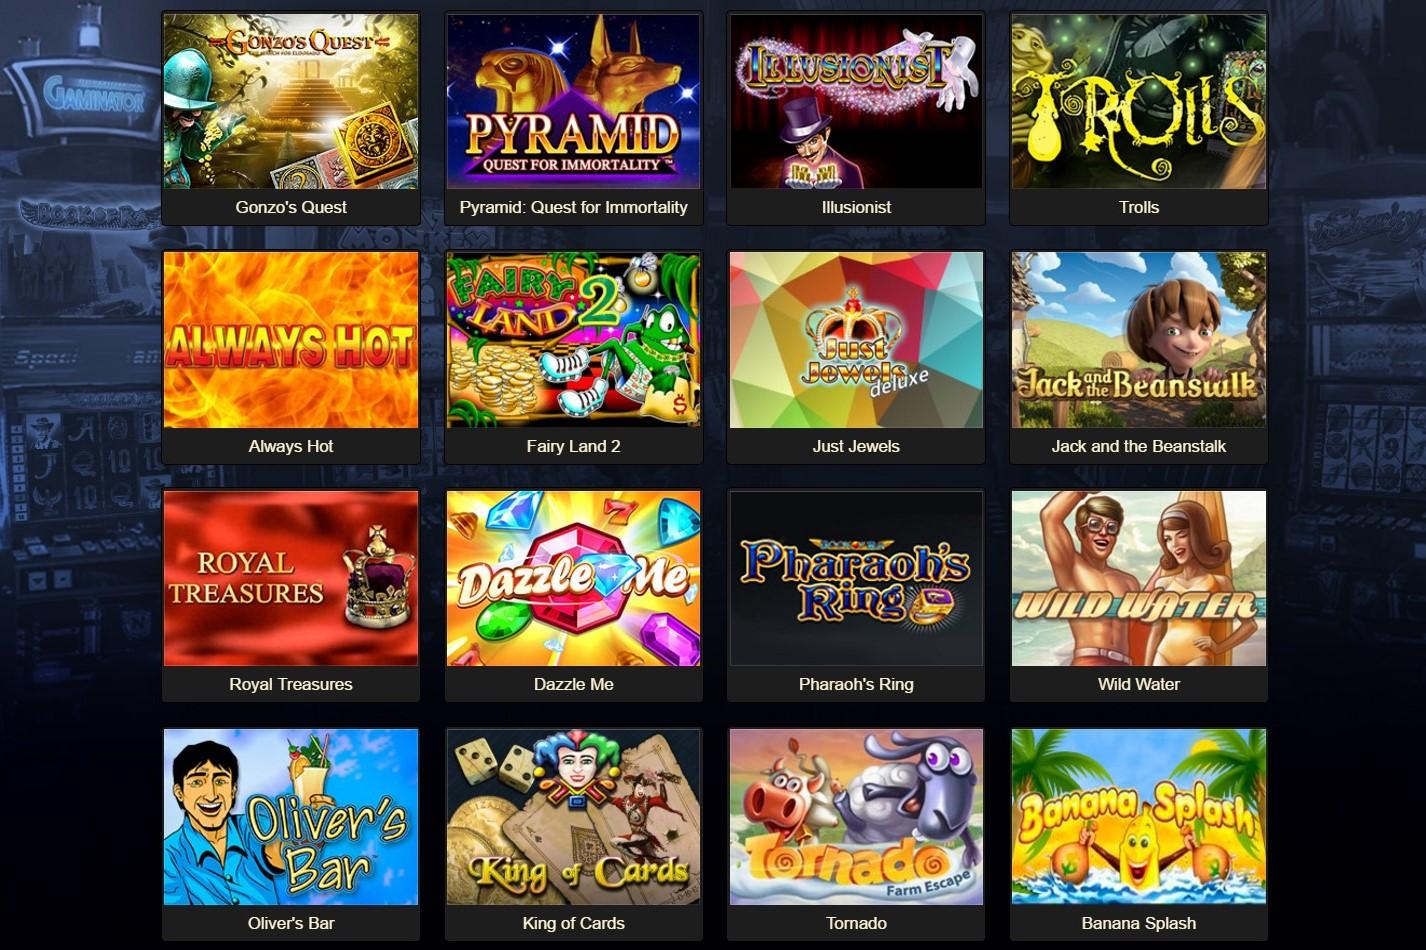 Игровые автоматы слотозал онлайн бесплатно бес платные игровые автоматы адмирал